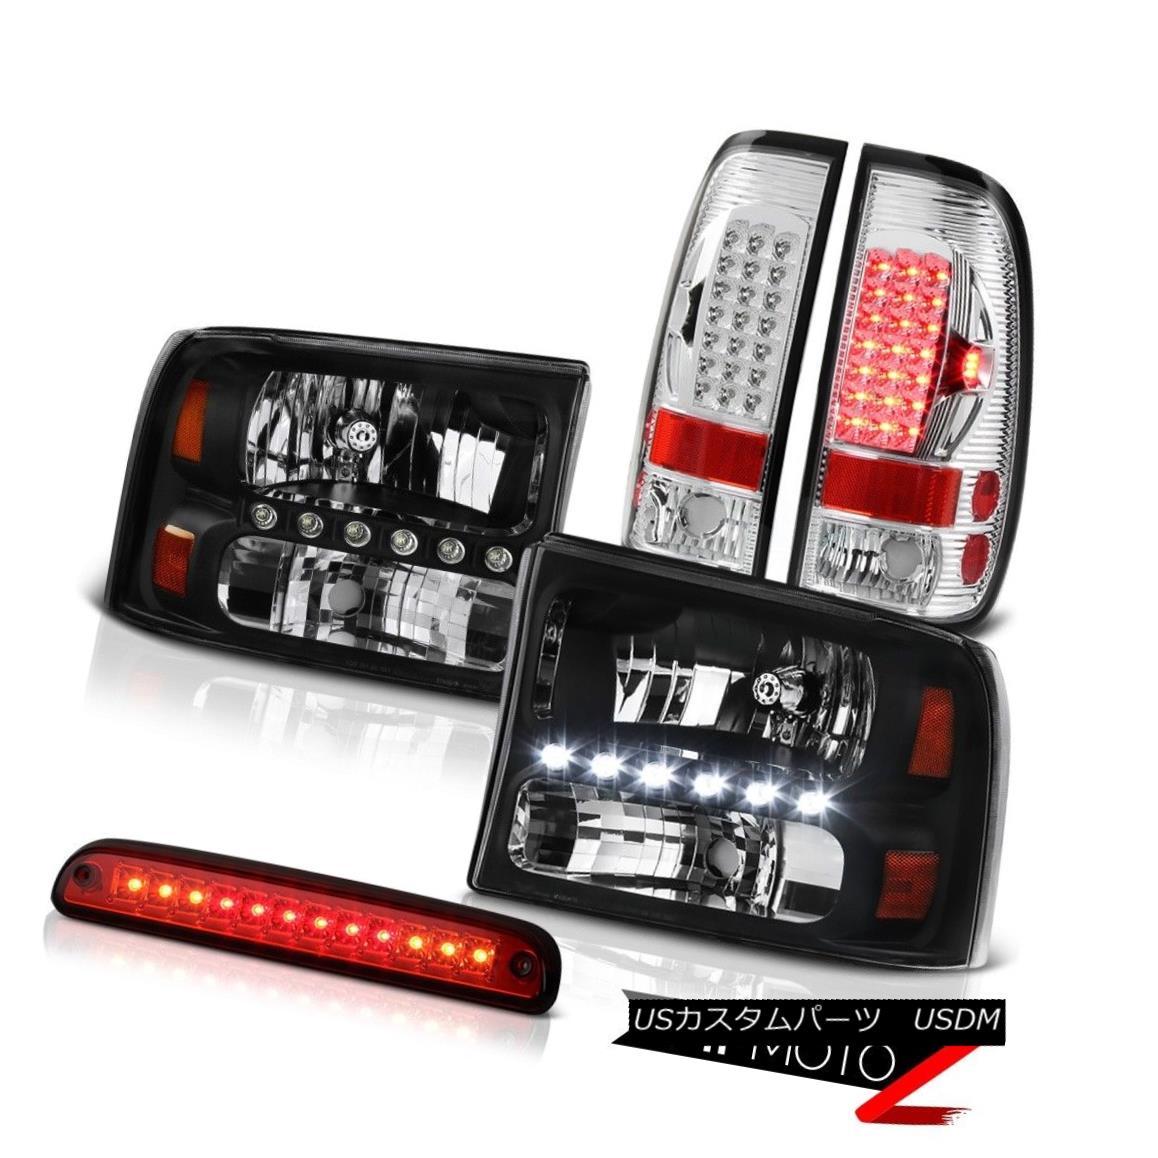 テールライト Black Headlight Roof Brake LED SMD Rear Tail Light 99 00 01 02 03 04 F250 6.8L ブラックヘッドライトルーフブレーキLED SMDリアテールライト99 00 01 02 03 04 F250 6.8L